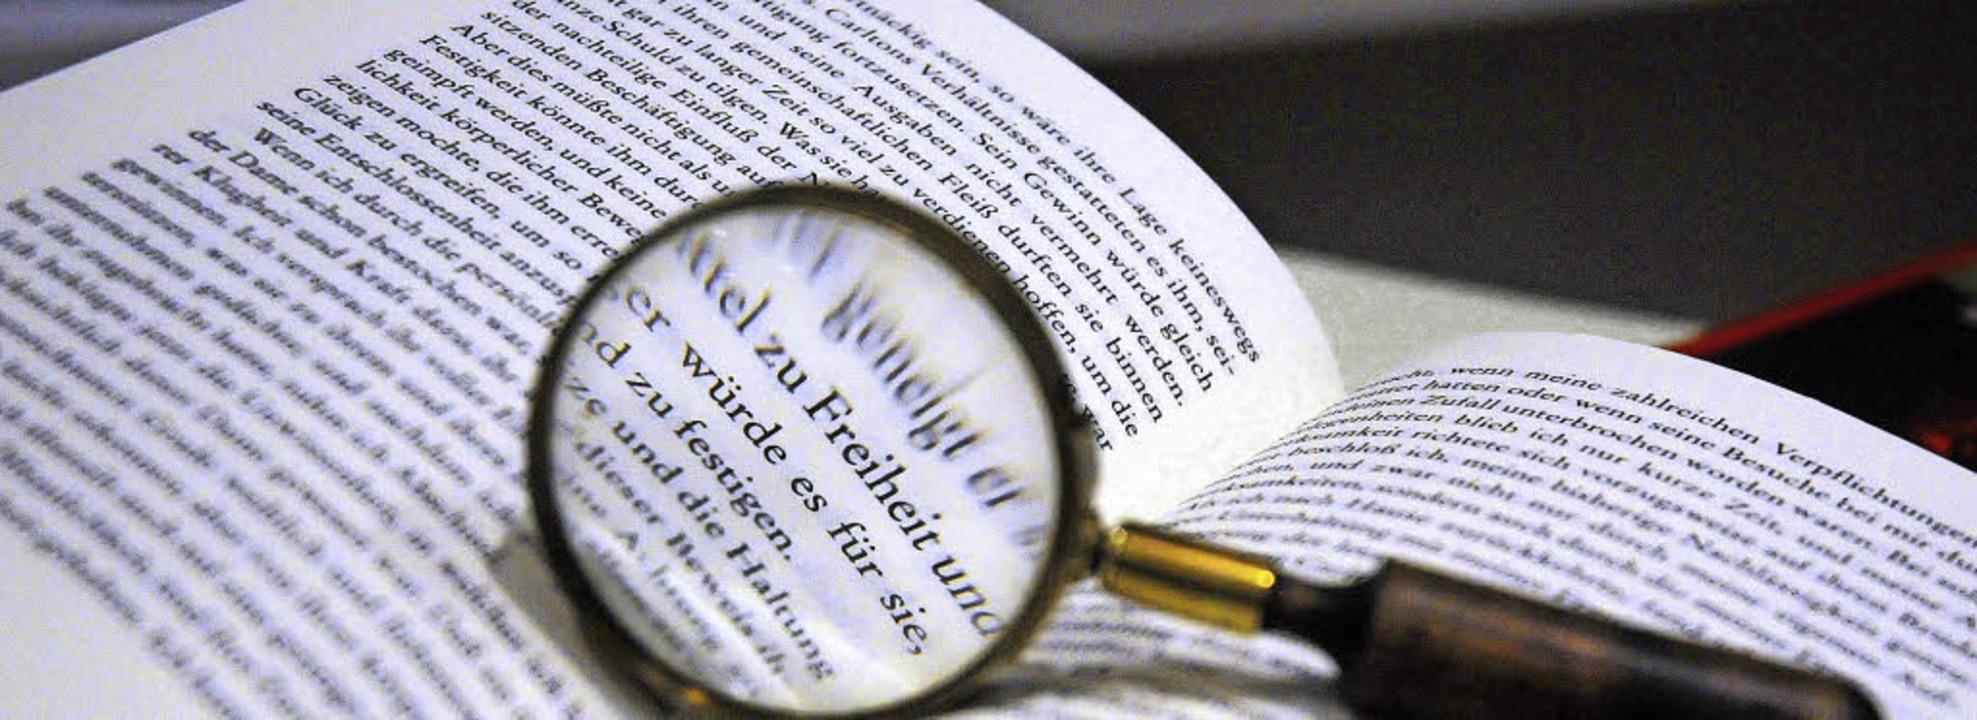 Die hohe Kunst der Literatur: Bisweile...nn da die Lupe beim Durchblick helfen.    Foto: dpa